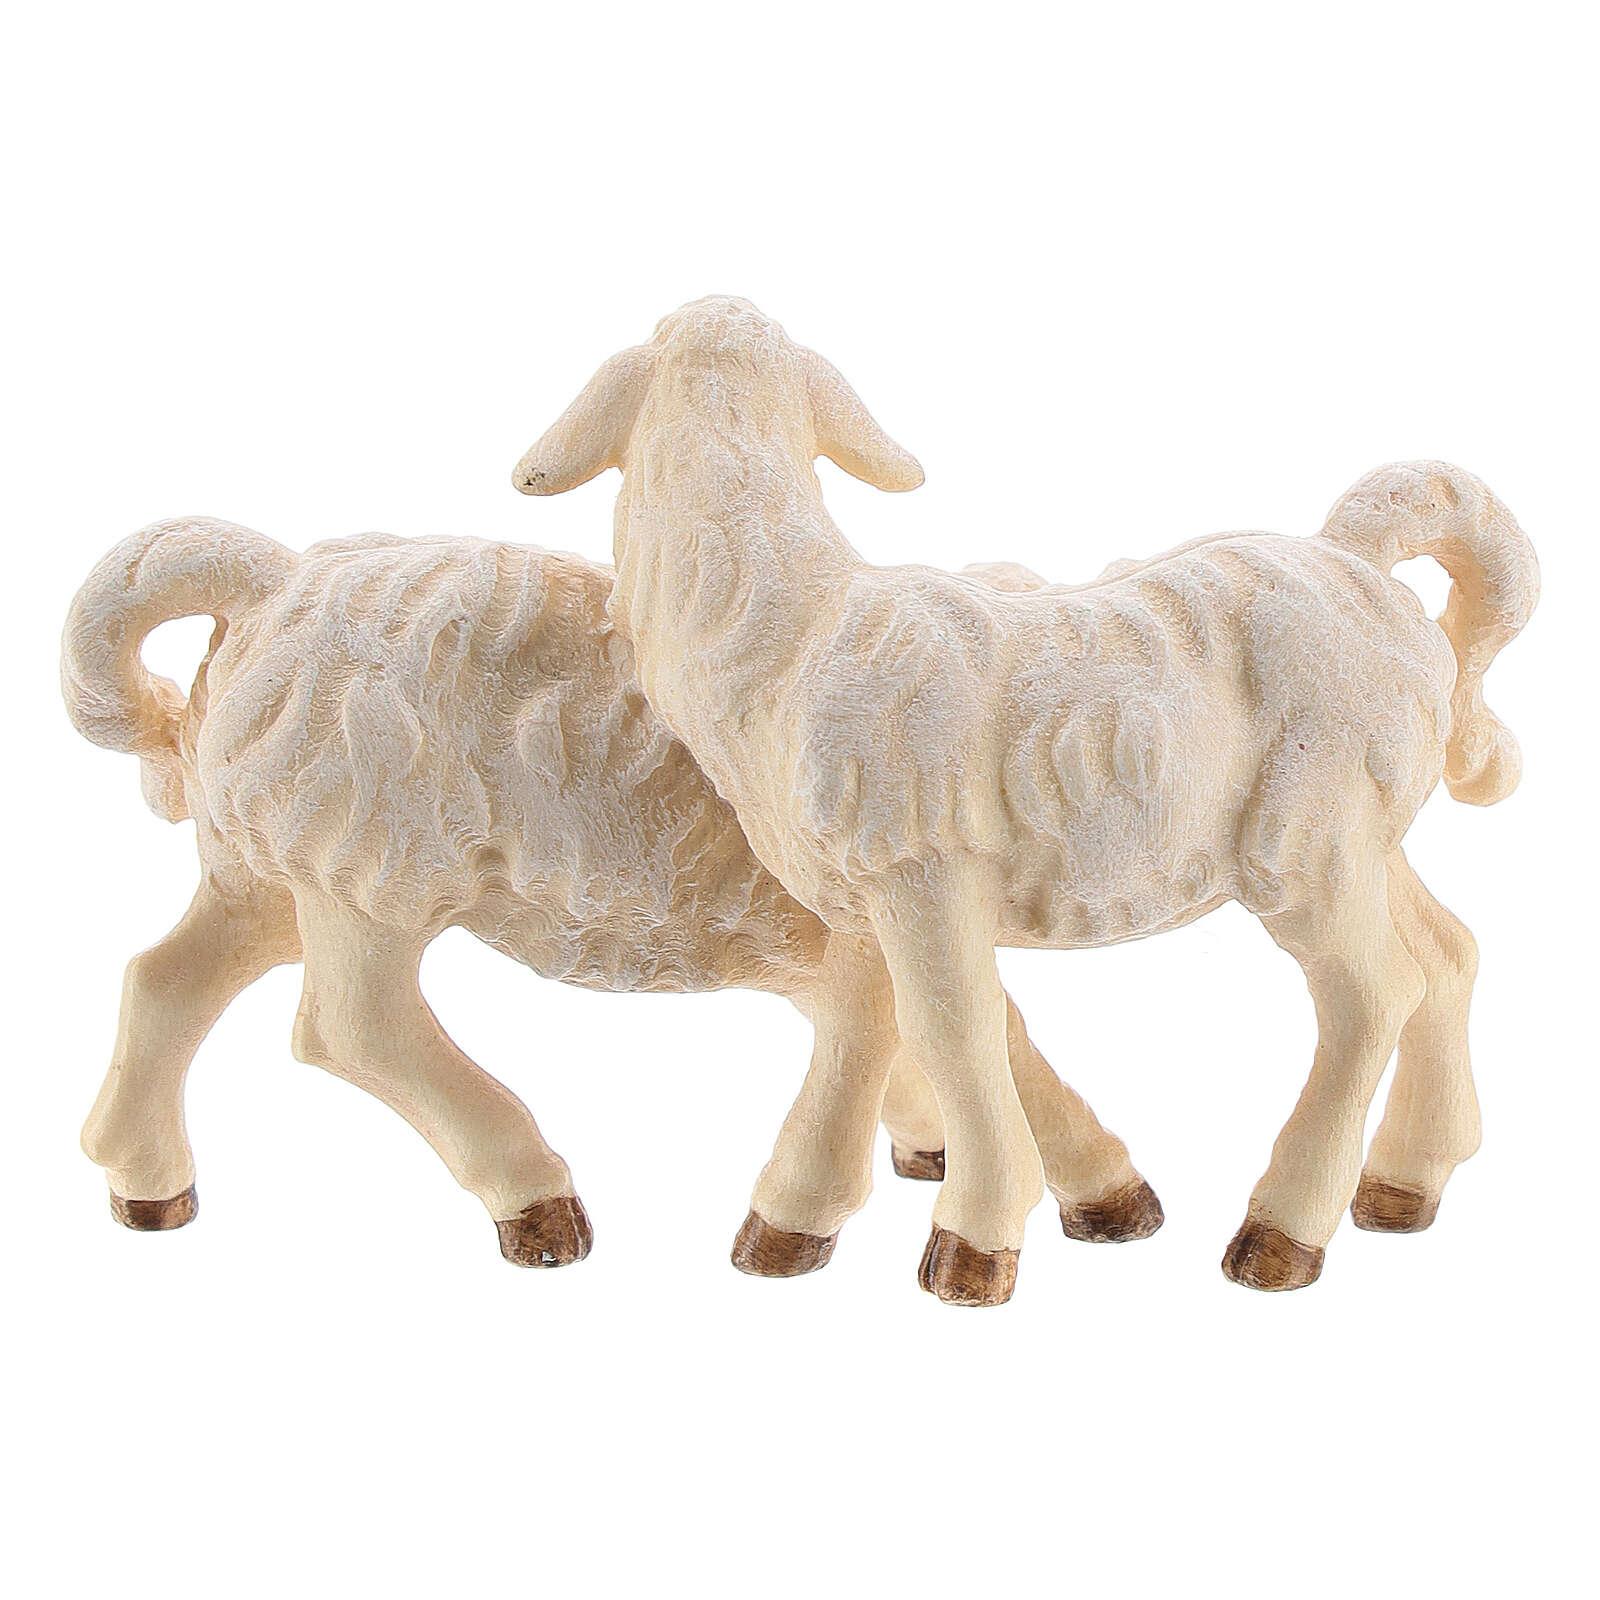 Gruppo di agnelli legno dipinto presepe Kostner 12 cm 4